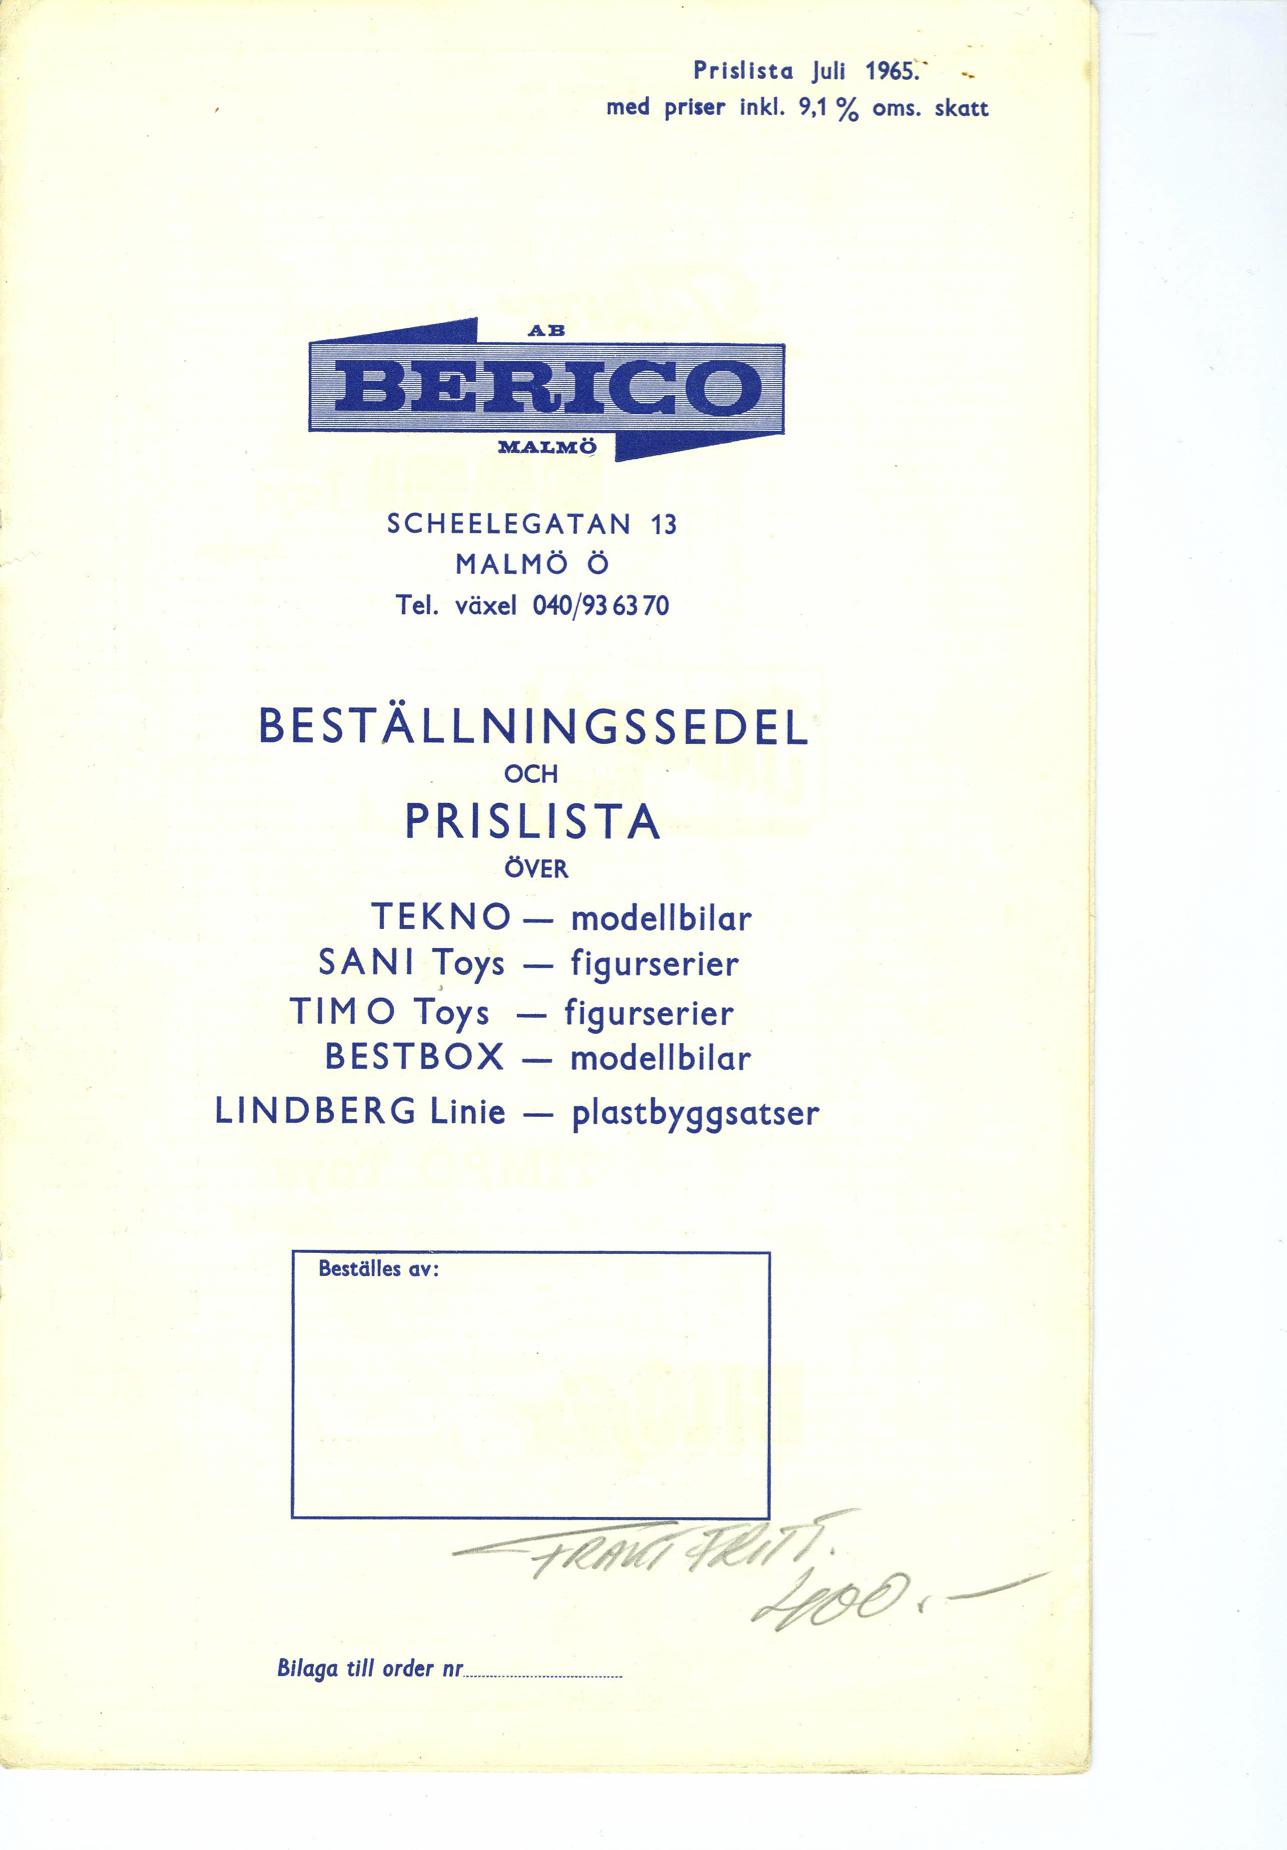 Berico bestillingsliste